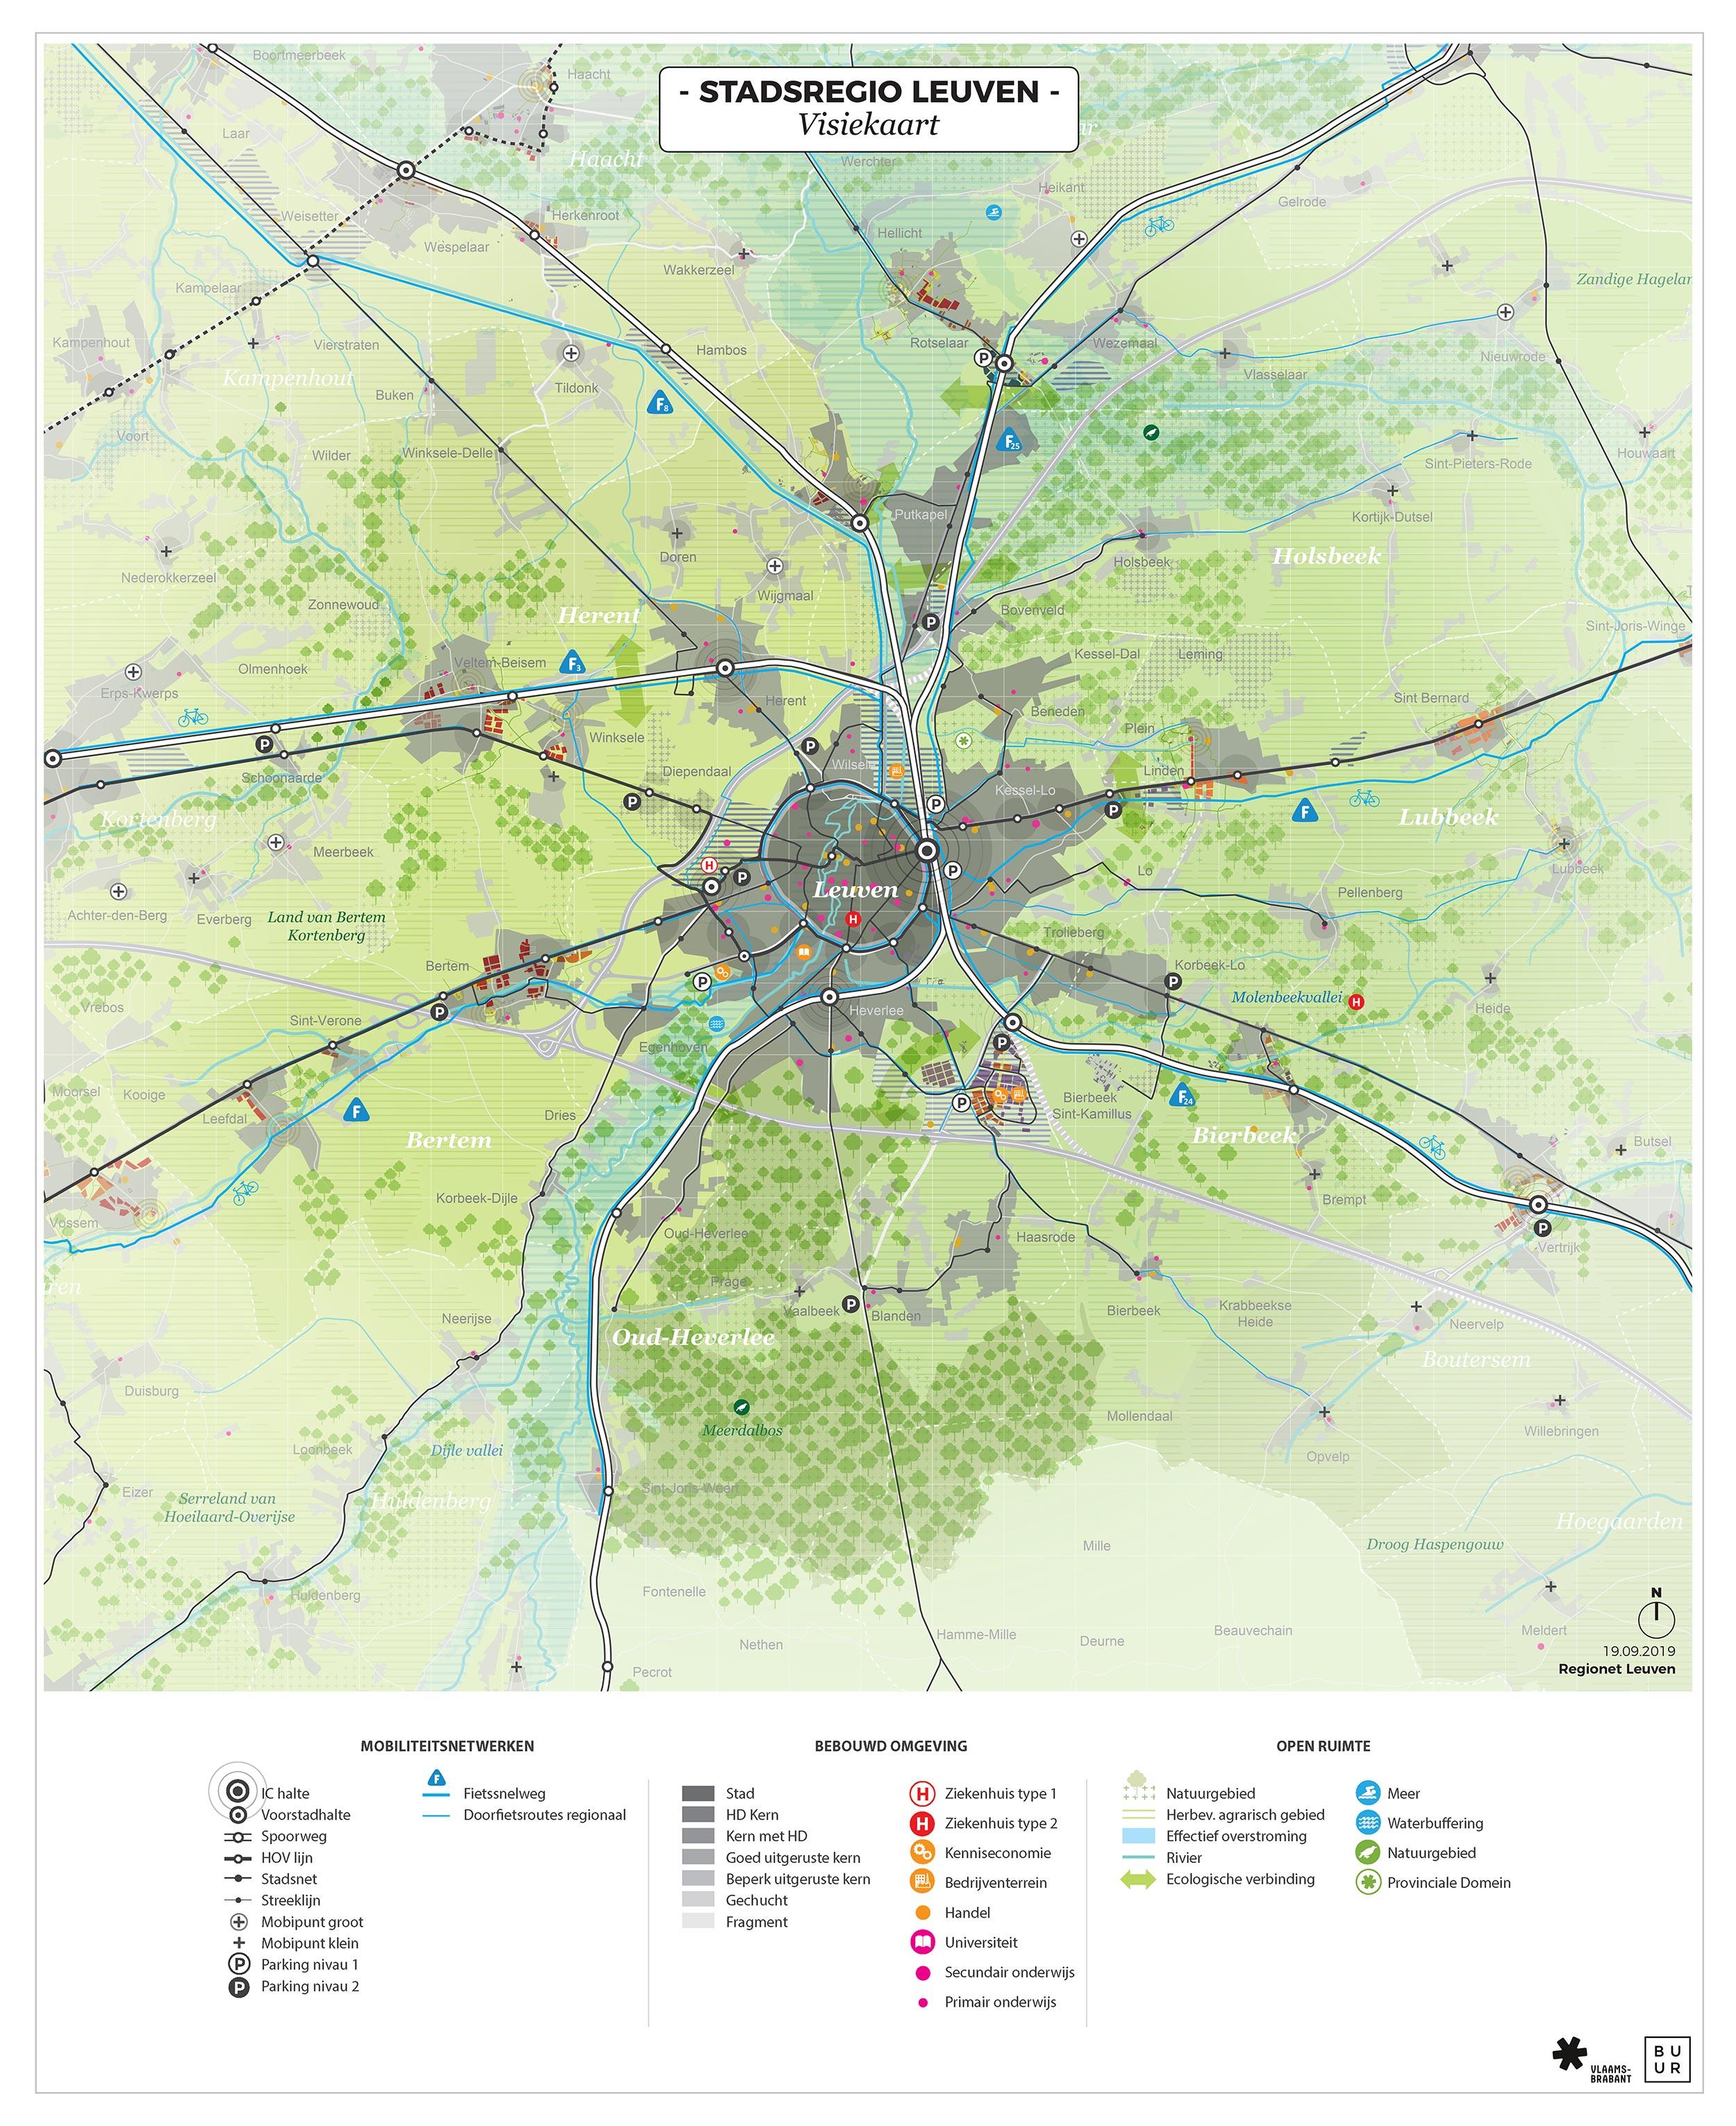 20190919-Visiekaart-Stadsregio-Leuven